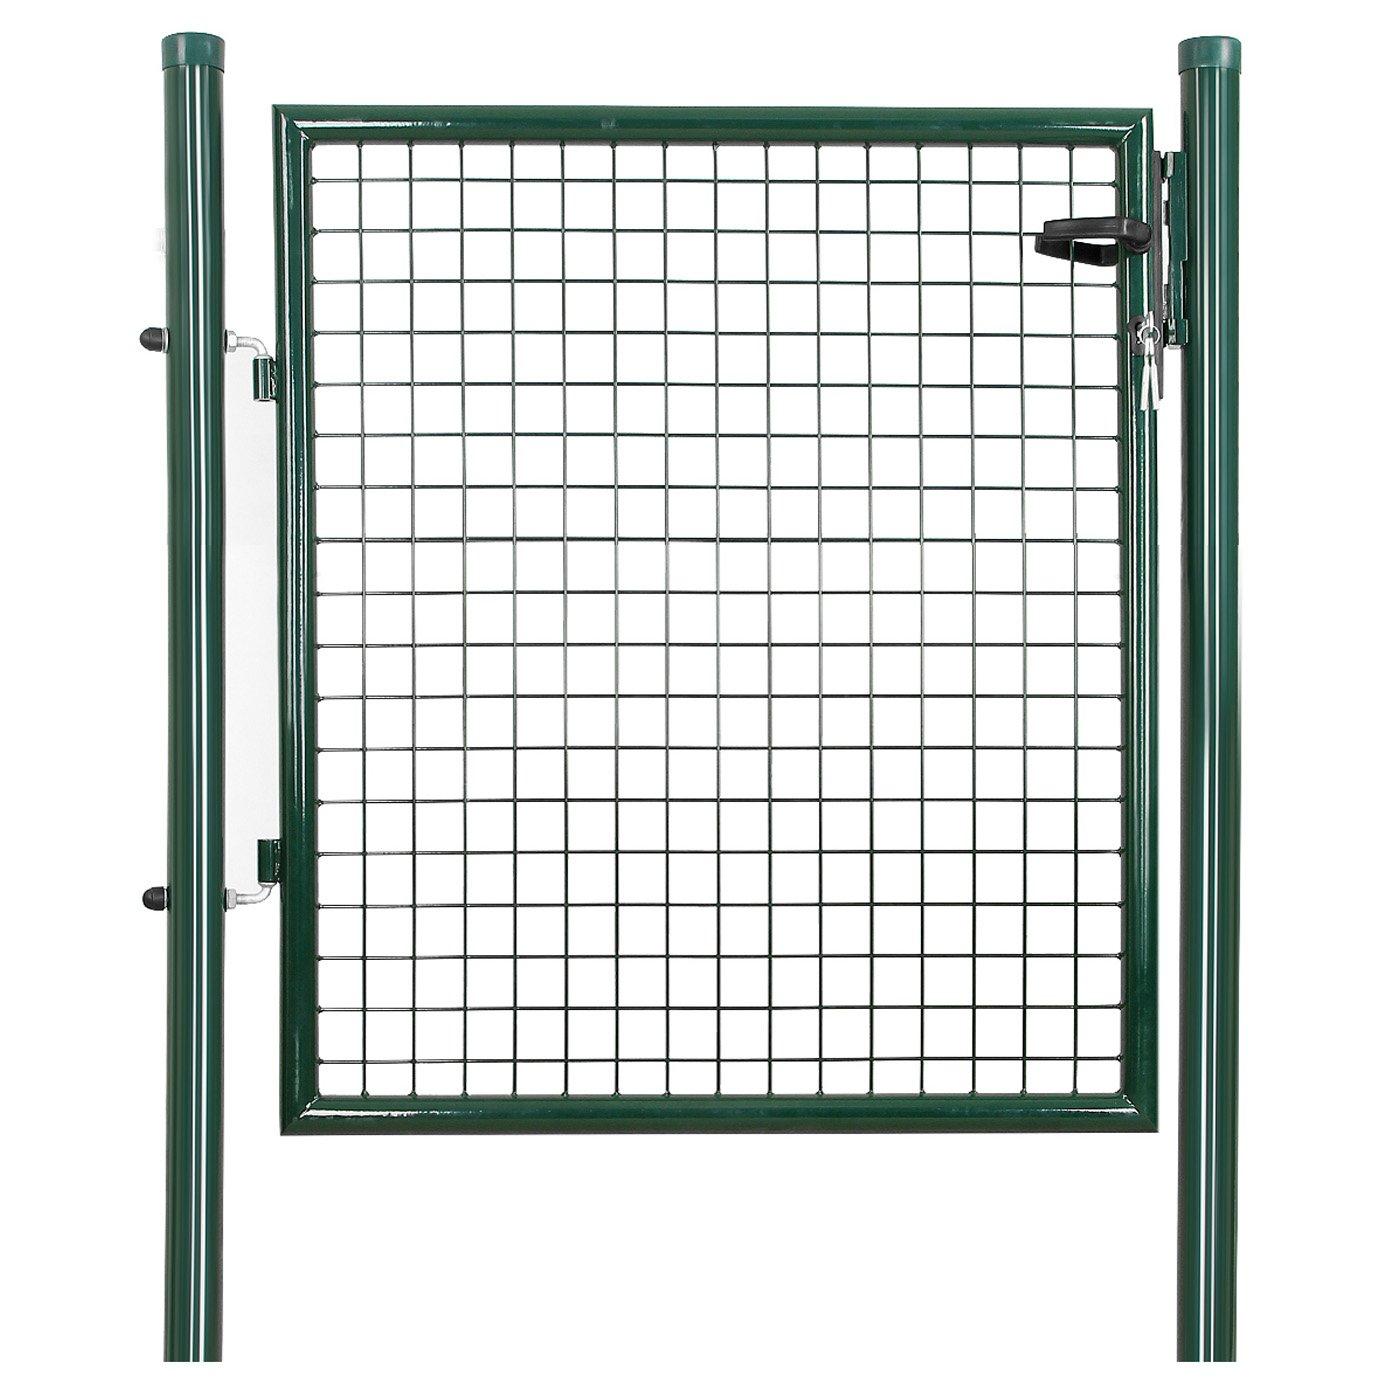 Rongomic Zahradní branka jednokřídlá 106x150 cm zelená